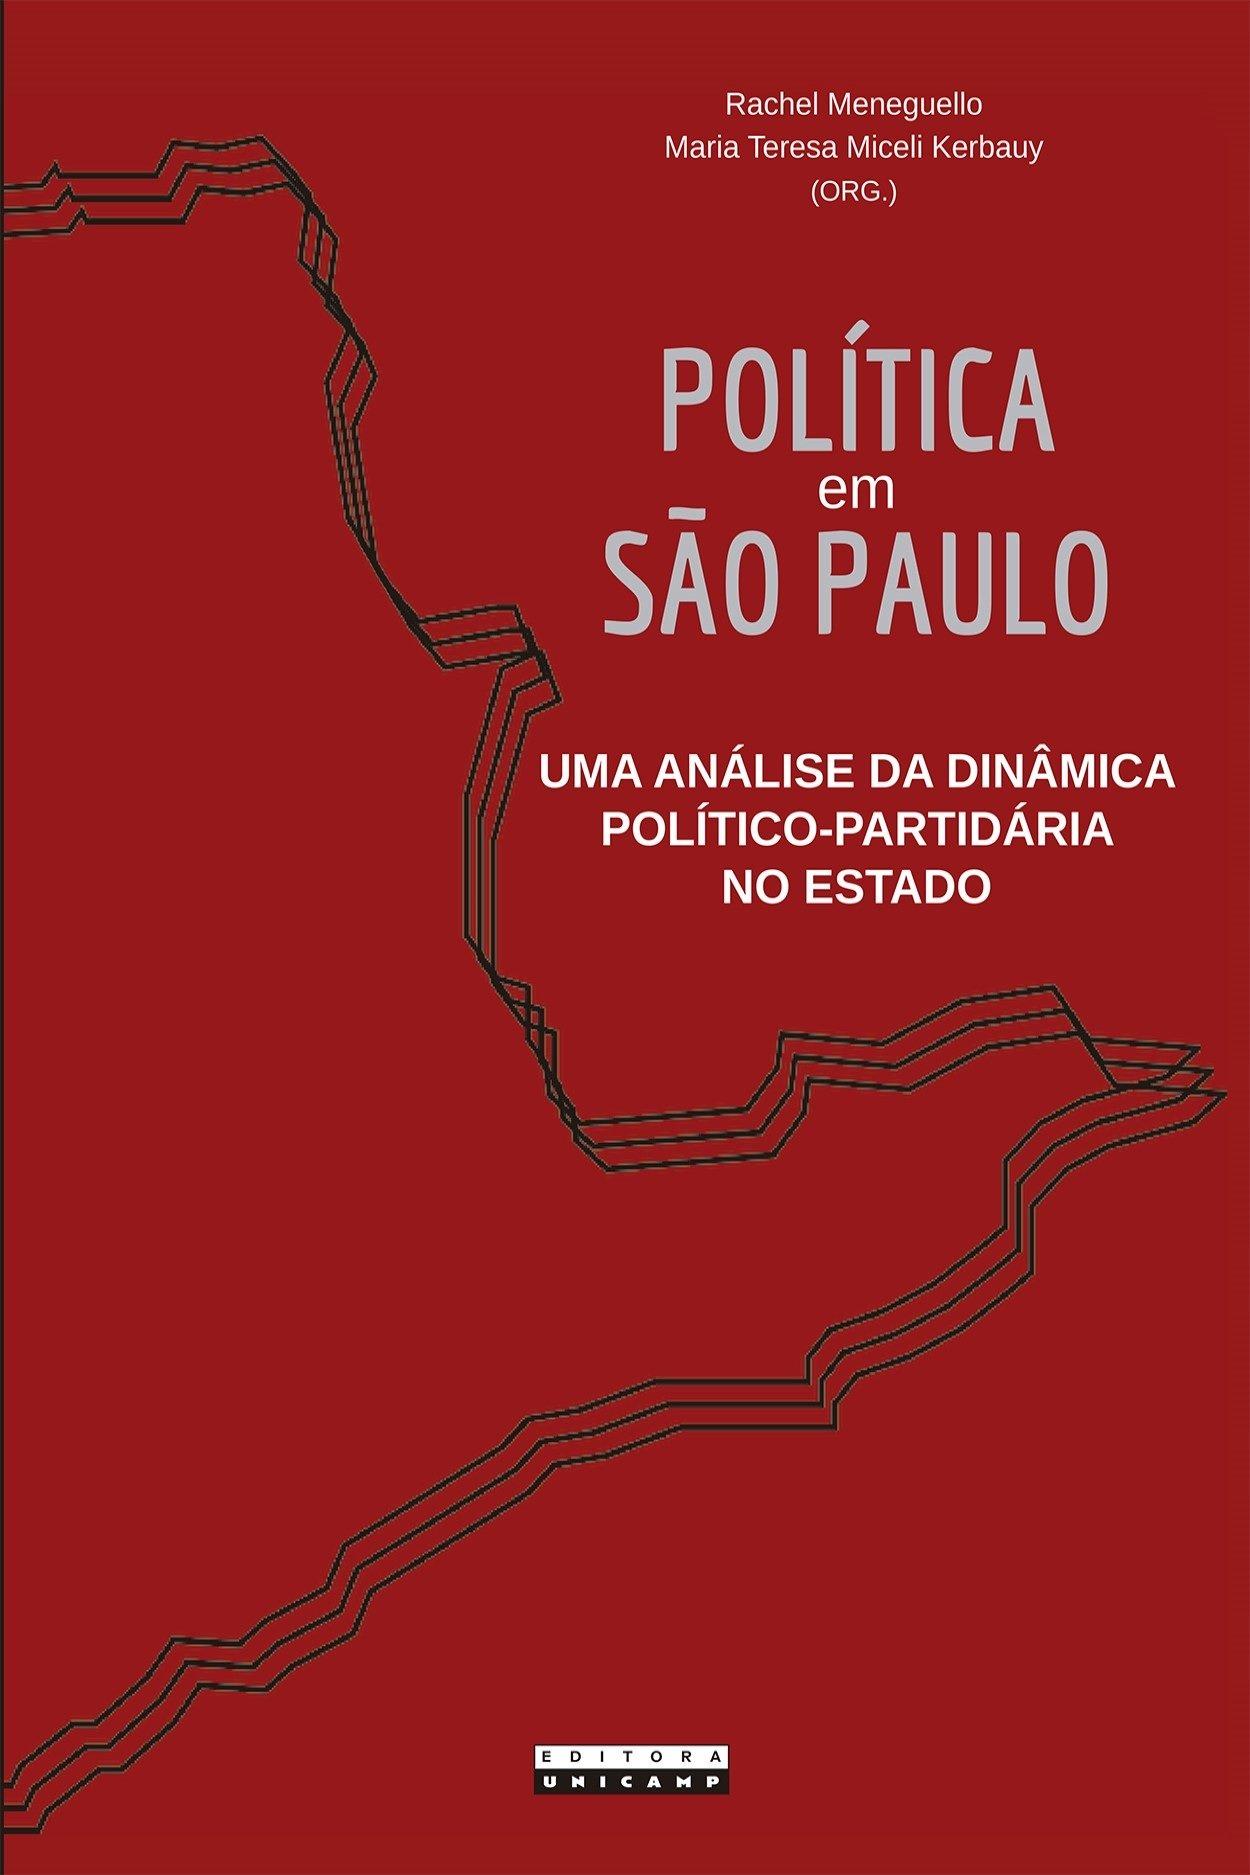 Política em São Paulo. Uma análise da dinâmica político-partidária no estado, livro de Rachel Meneguello, Maria Teresa Miceli Kerbauy